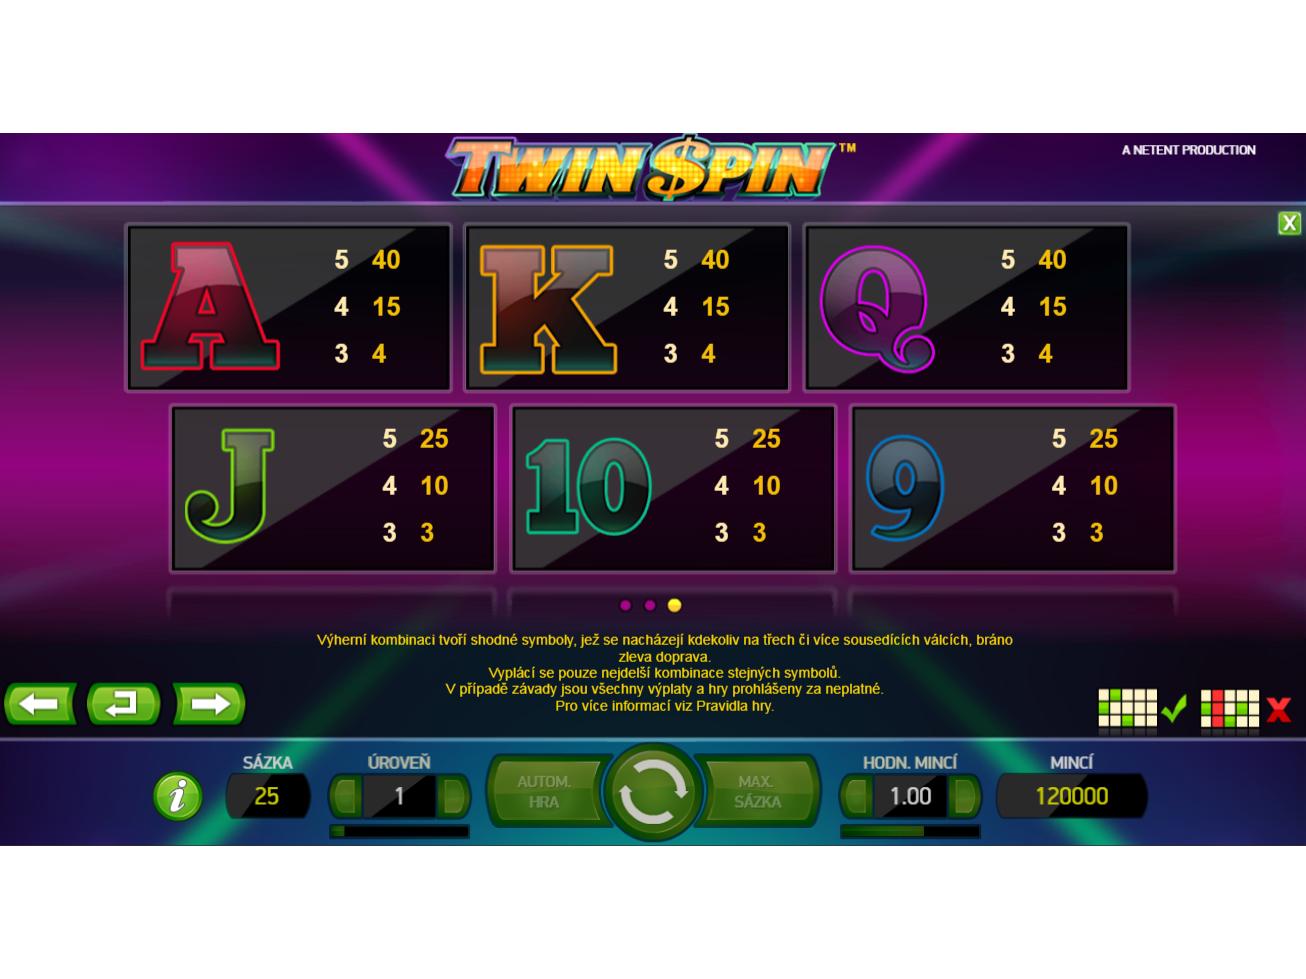 Twin Spin skutečné peníze#